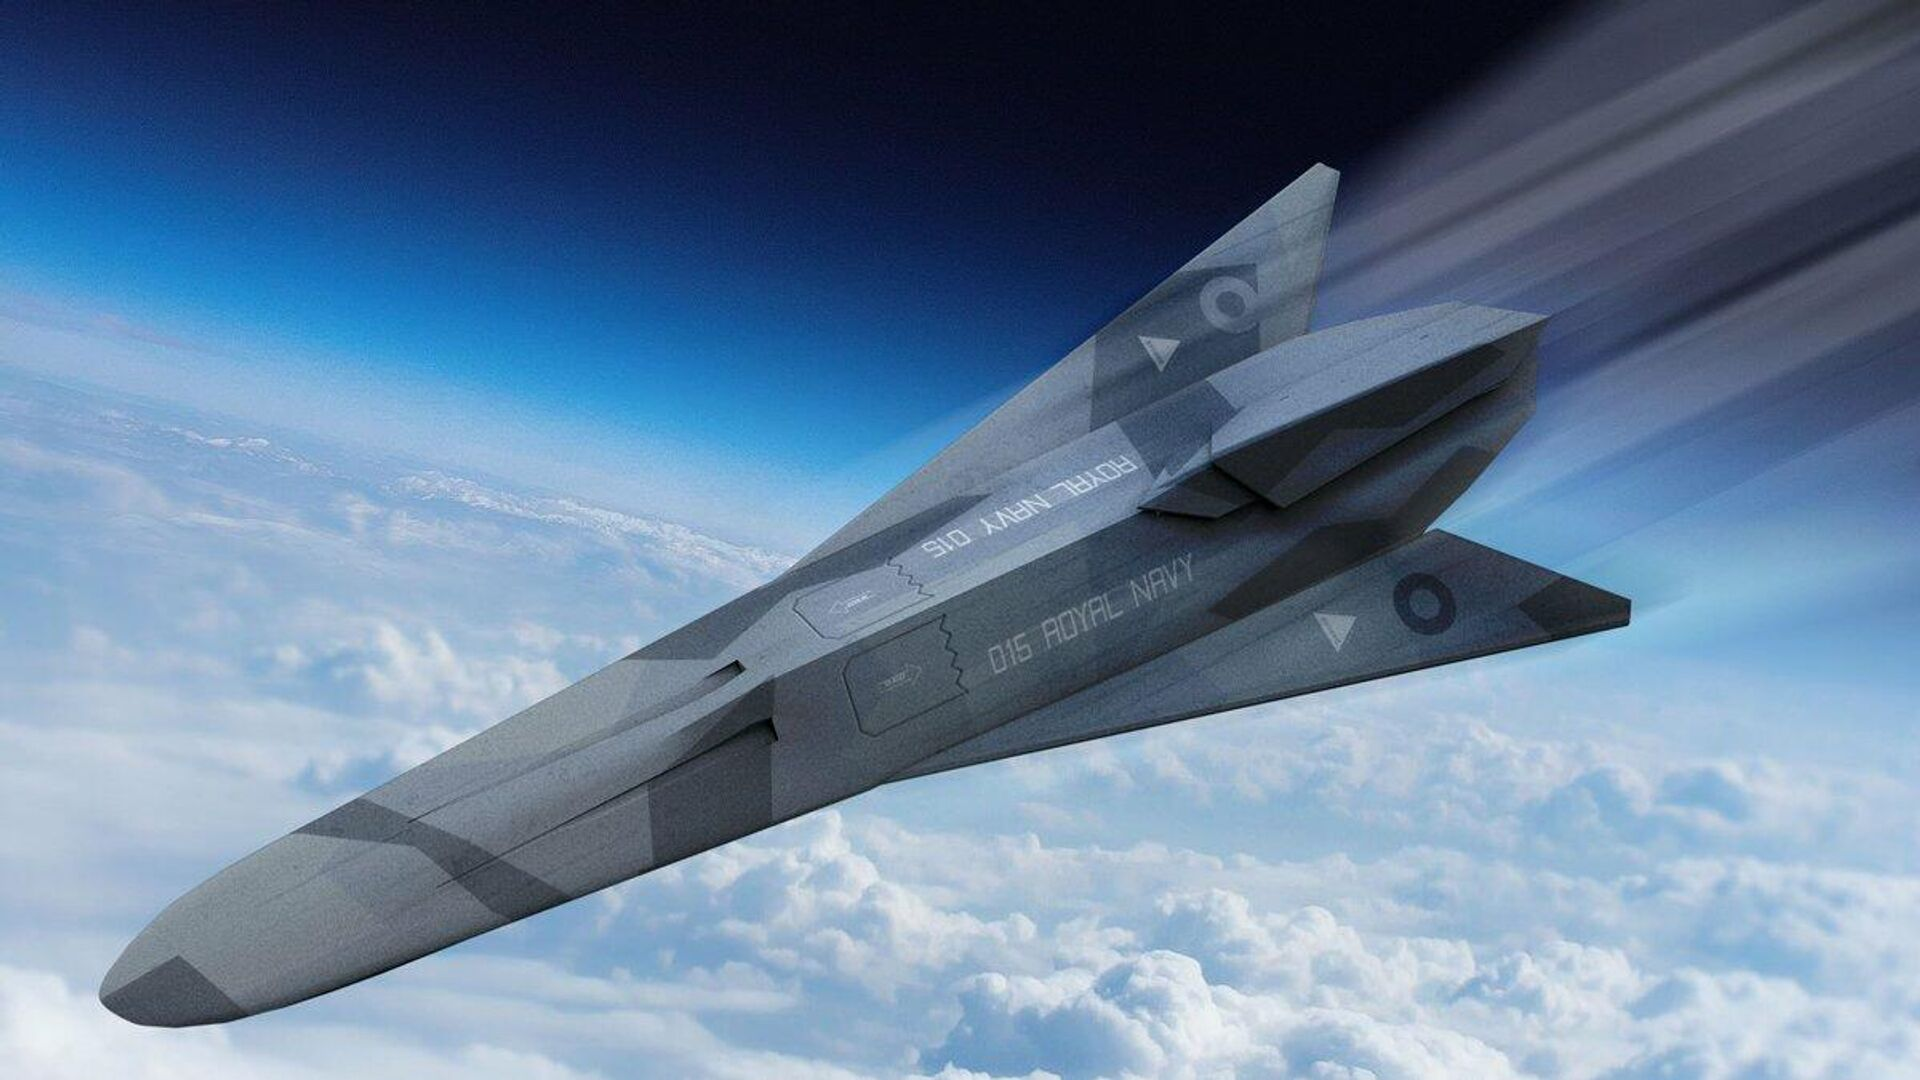 Royal Navy outlines future vision - Sputnik International, 1920, 13.09.2021